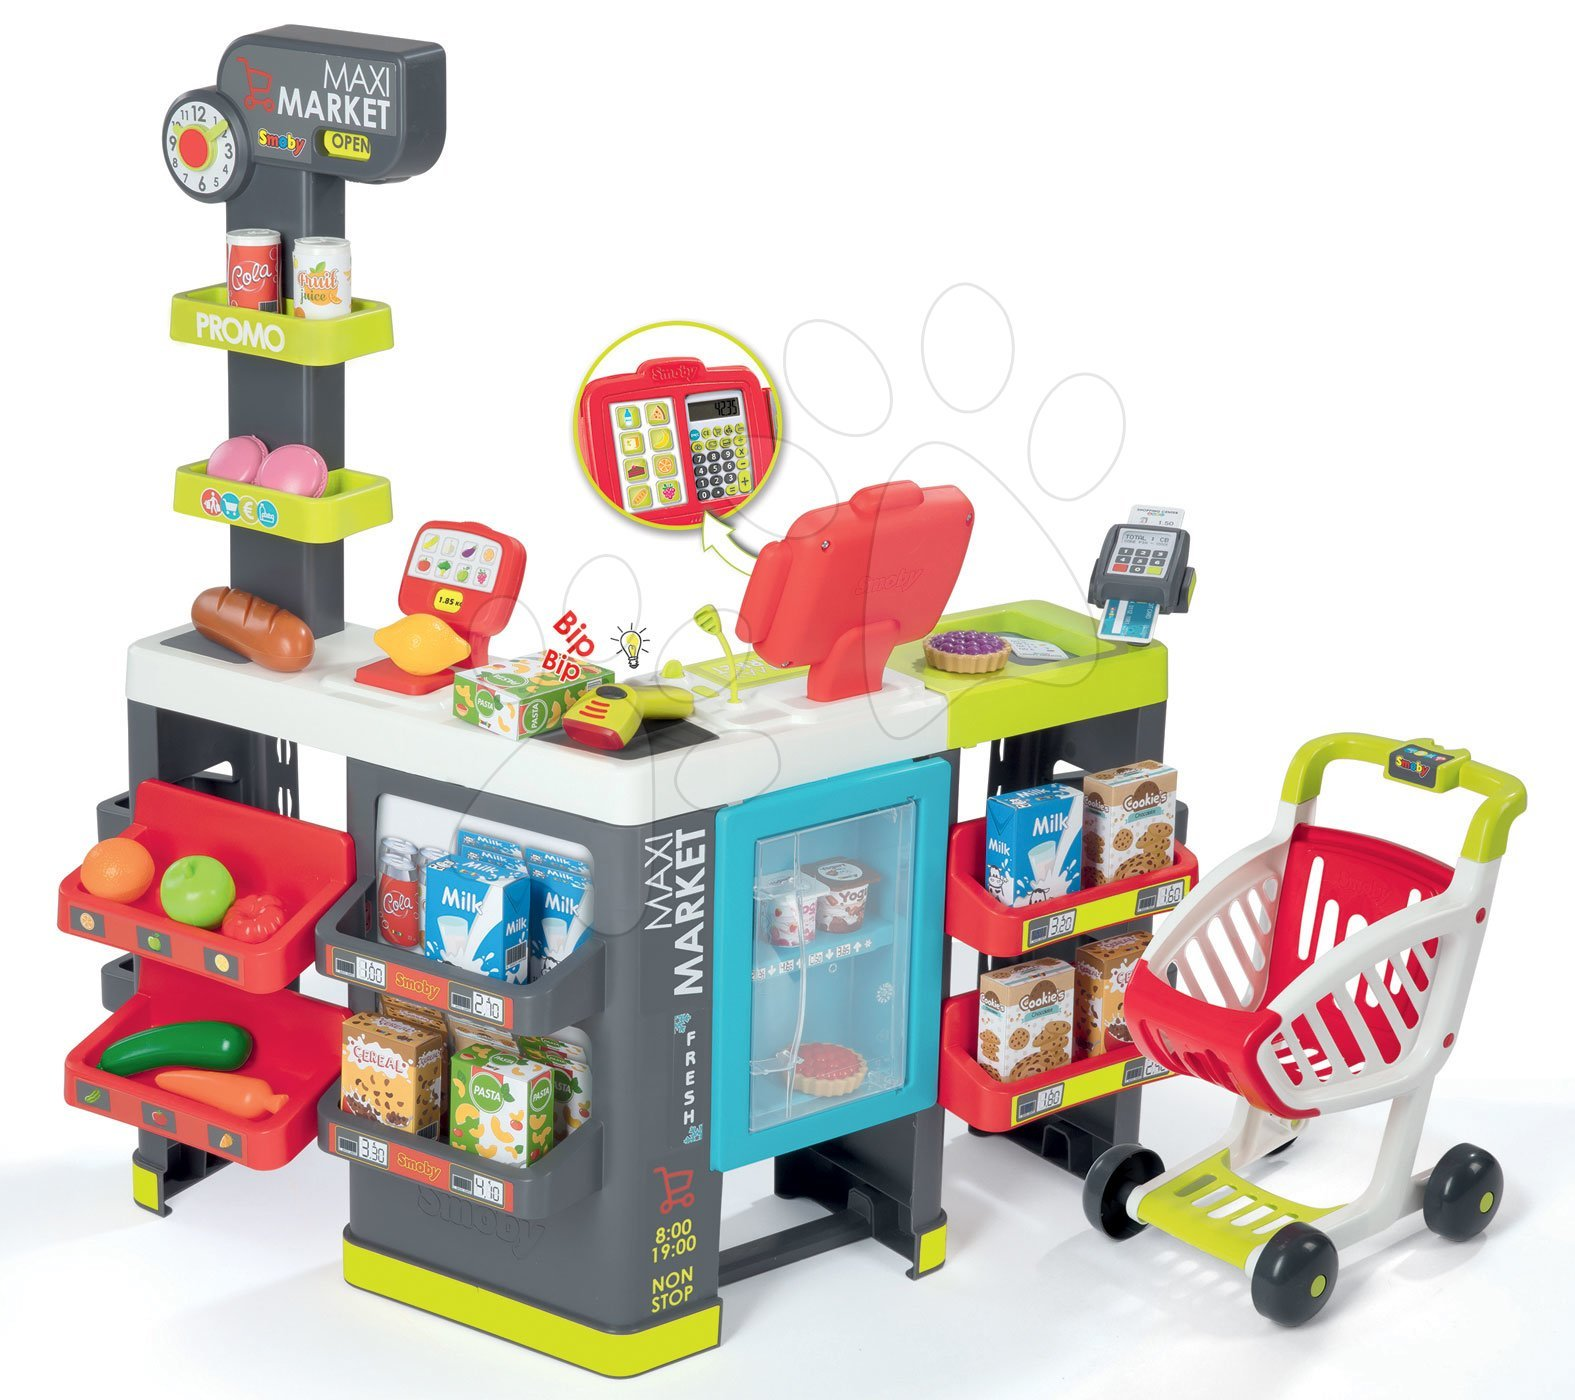 Vegyesáru közért Maxi Market Smoby hűtővel, elektronikus pénztárgéppel és vonalkódolvasóval 50 kiegészítővel